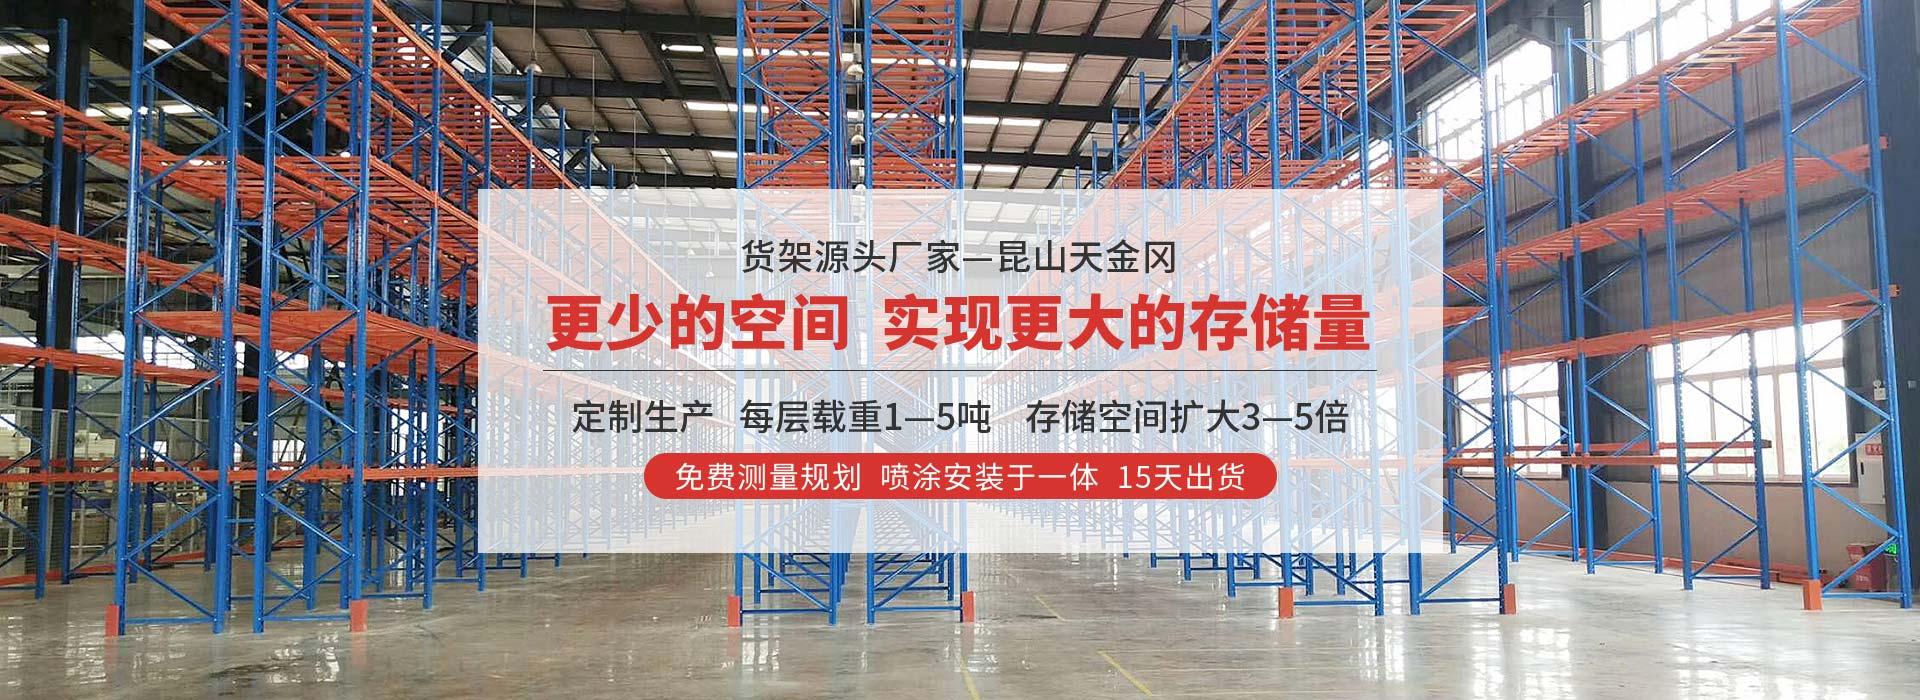 天金冈仓储货架实现更少的空间、更大存储量